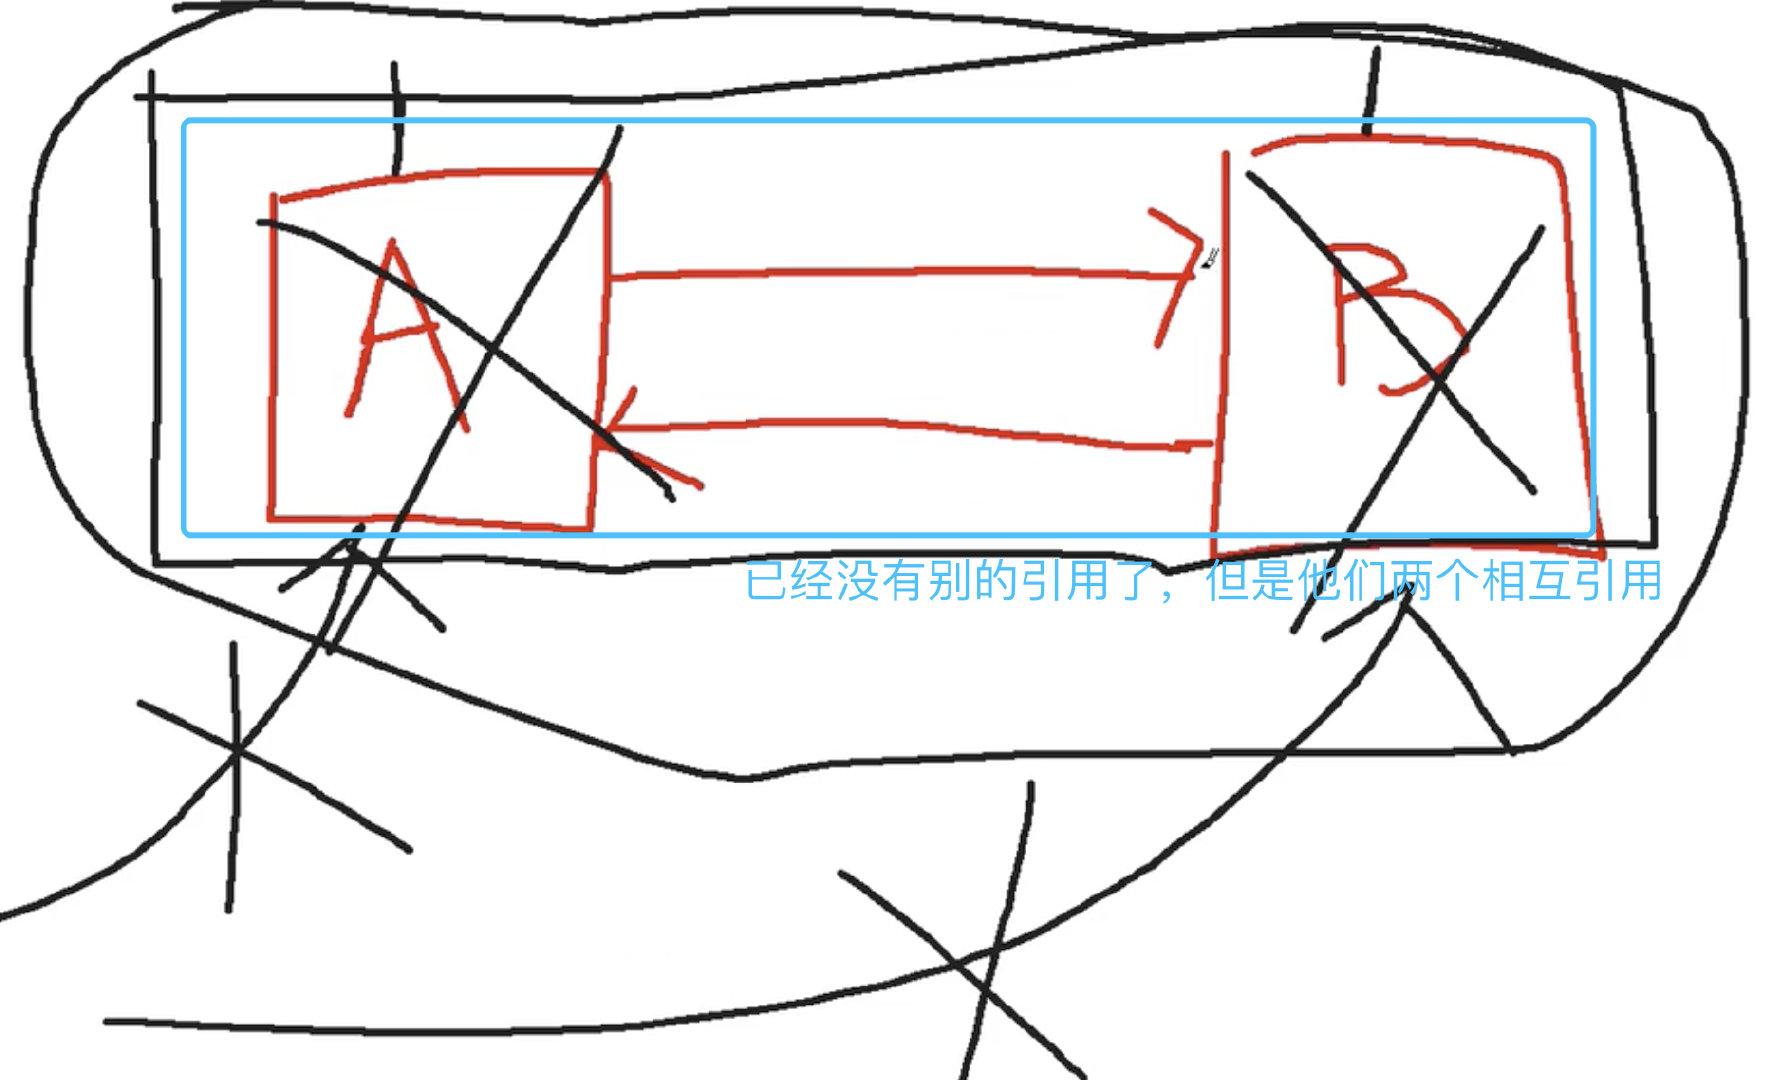 image-20200217211248678